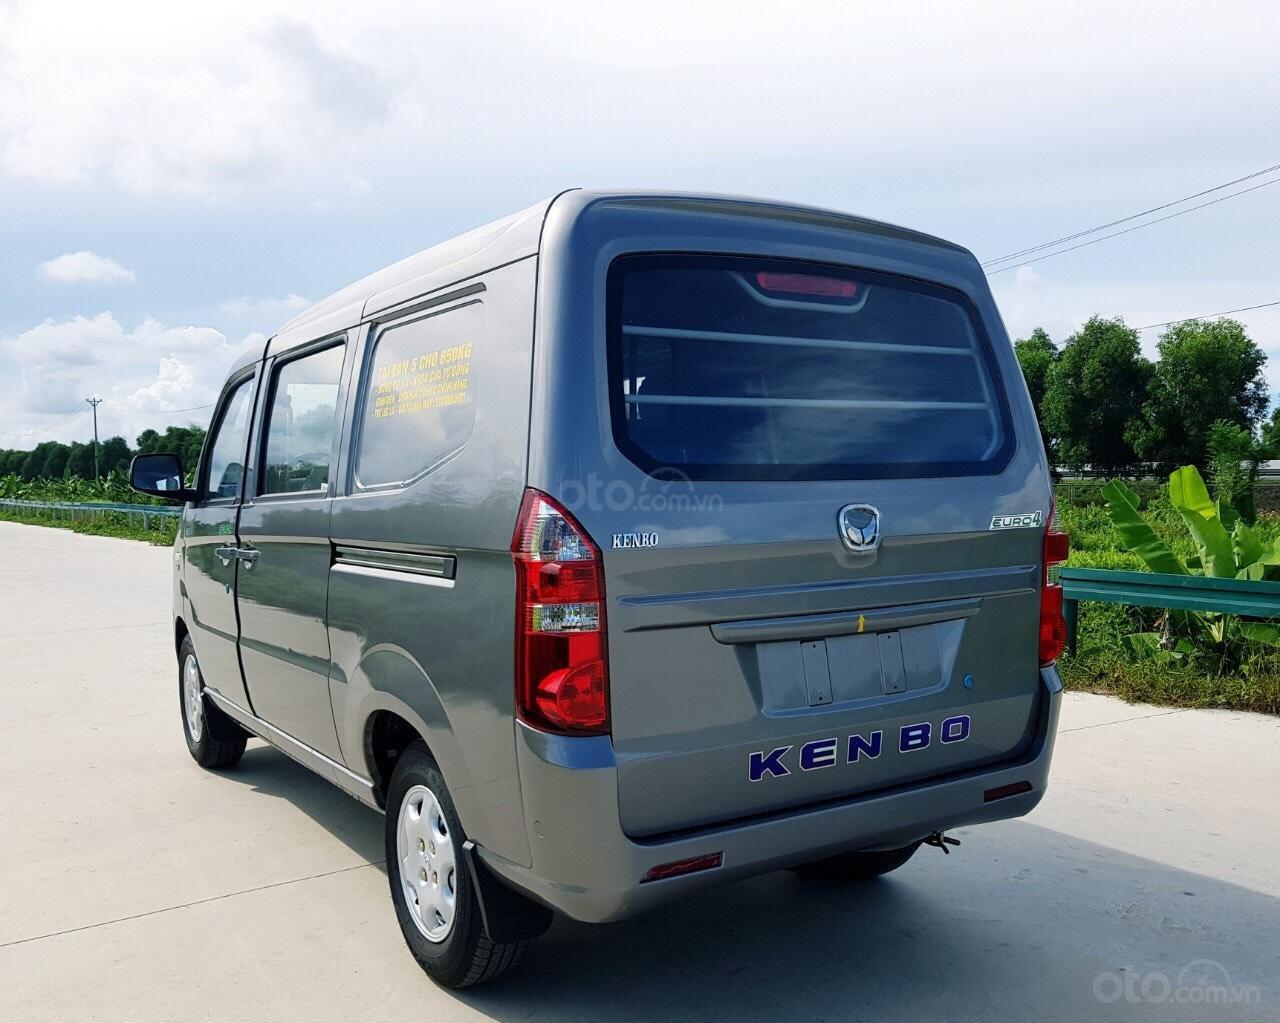 Bán xe tải Van Kenbo 5 chỗ đời 2020. Giá ưu đãi lớn (5)